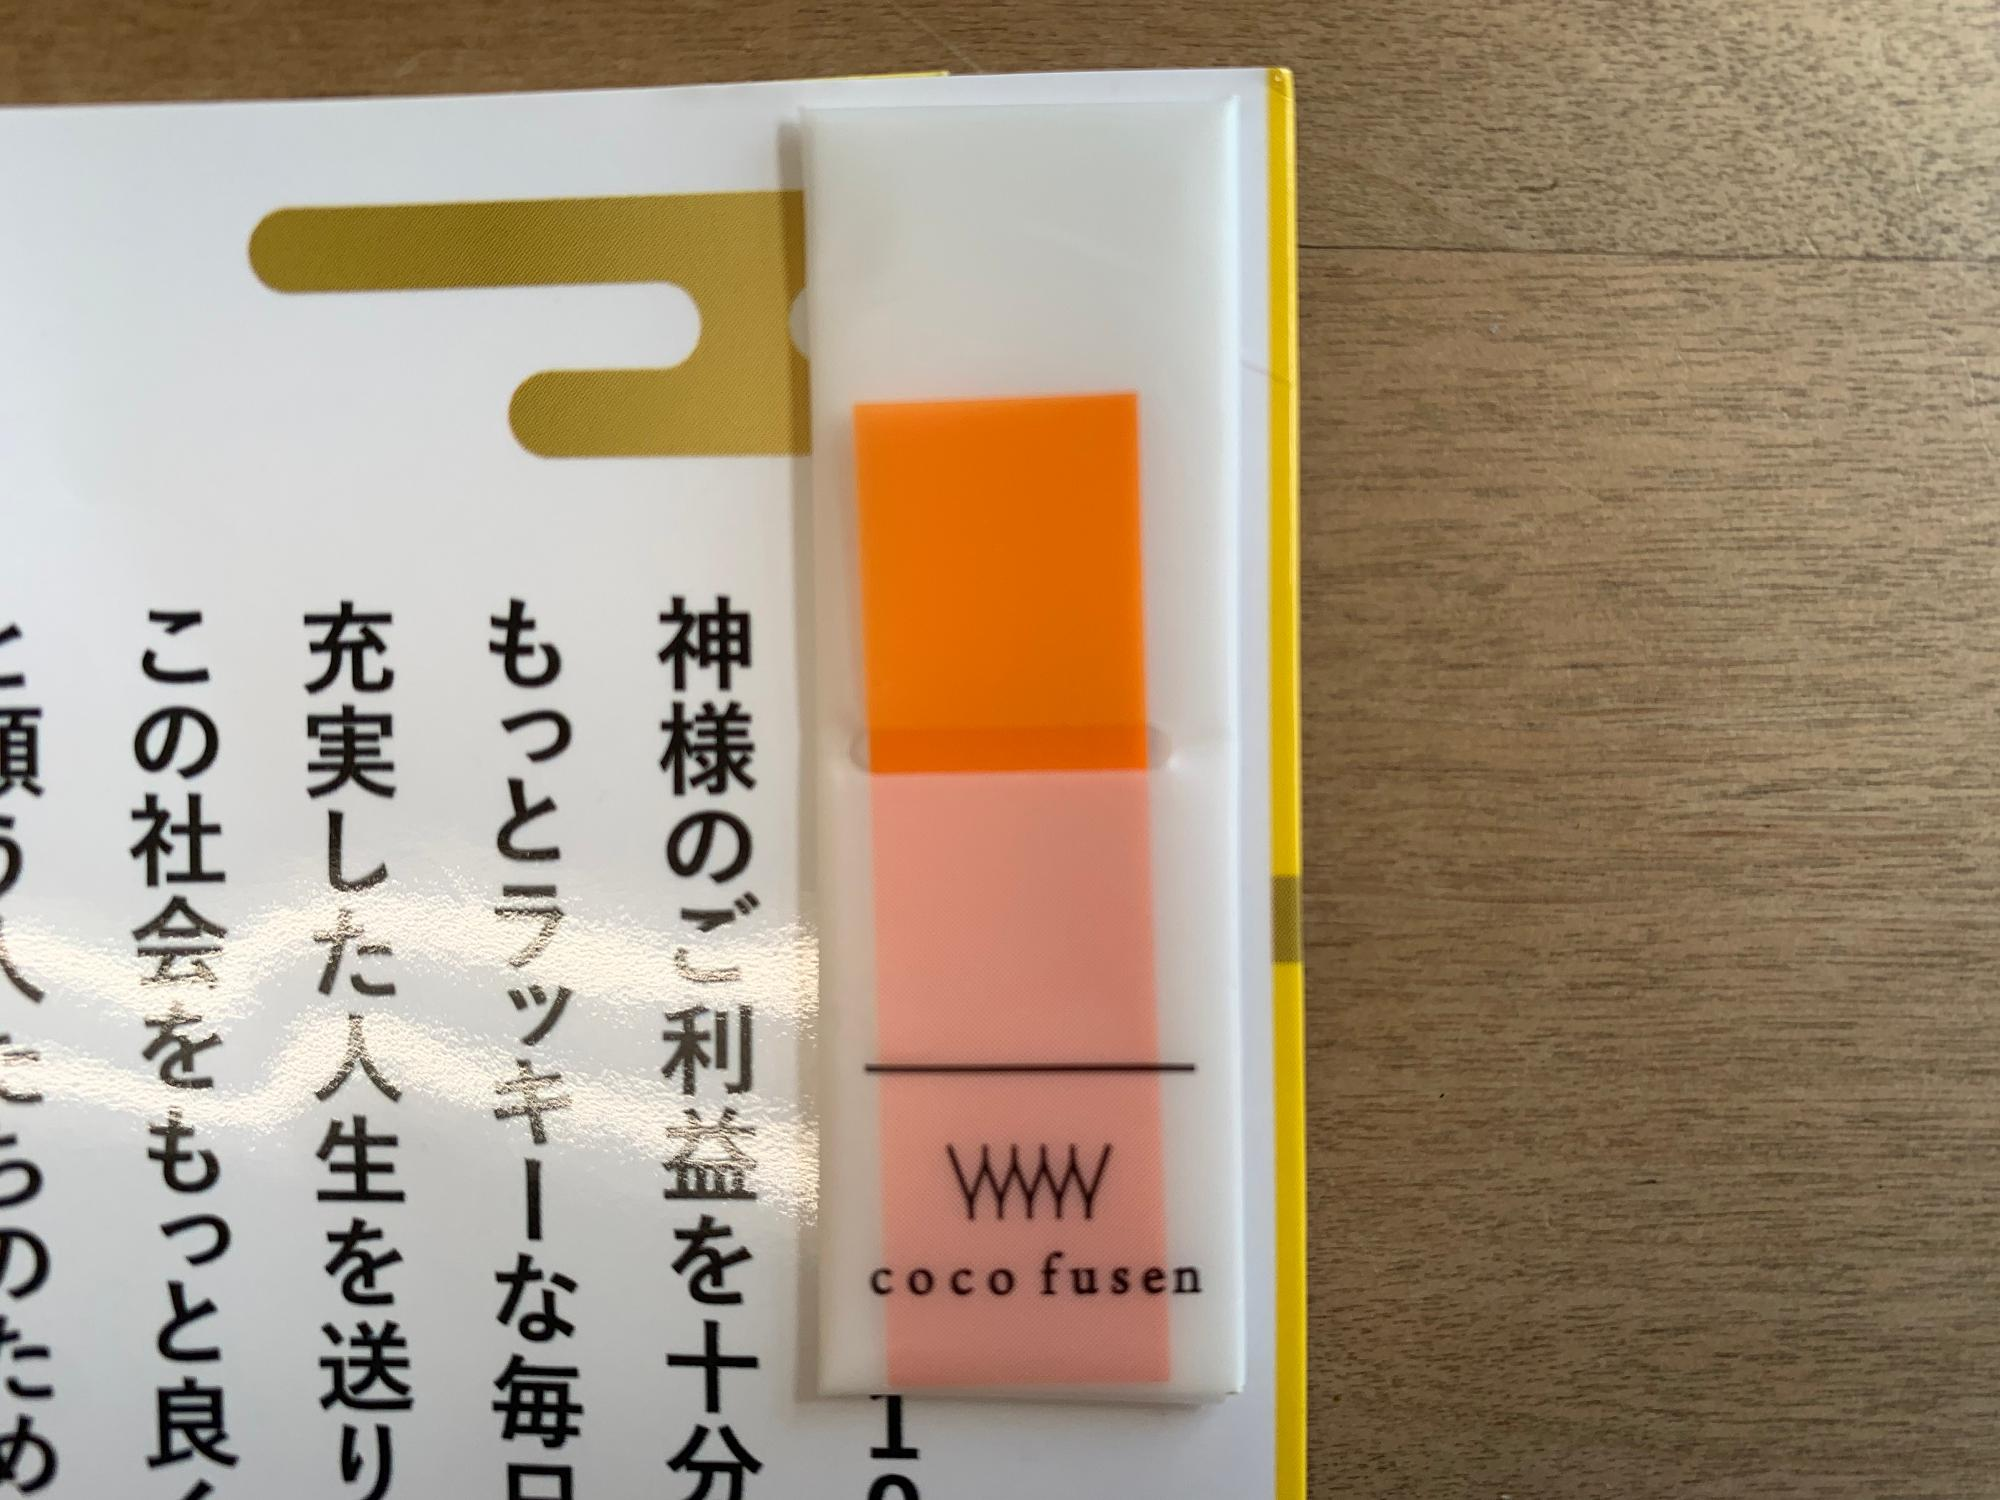 ココフセンベーシックを本のカバー内側に貼ったところ。※これは旧バージョン。新バージョンはふせん詰め替えにも対応しています。